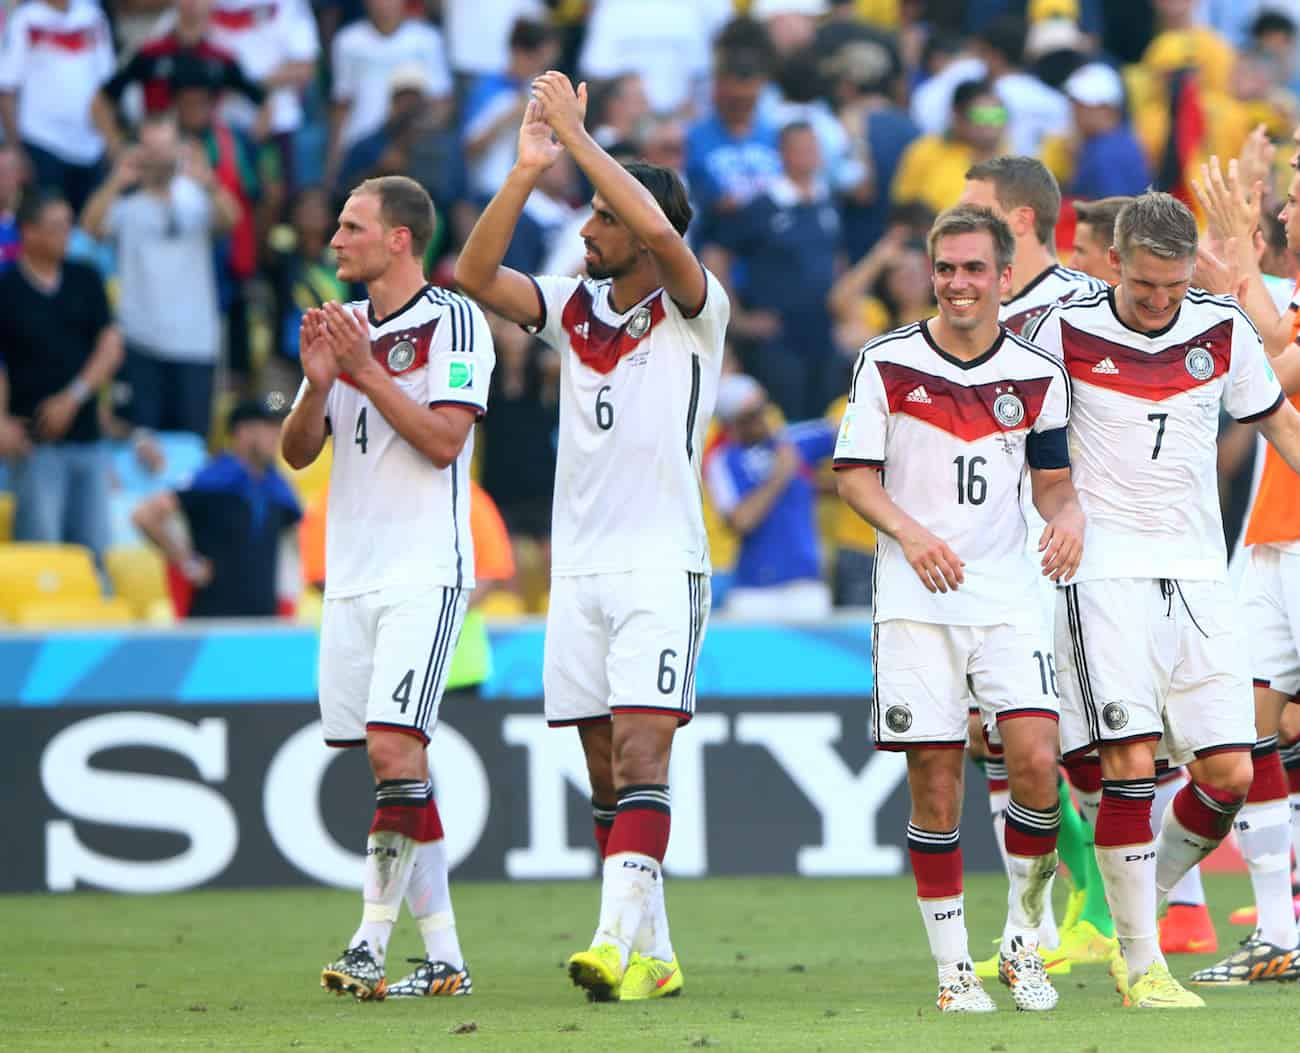 Coupe du monde 2014 r sultat allemagne argentine 1 0 - Resultat foot eliminatoire coupe du monde ...